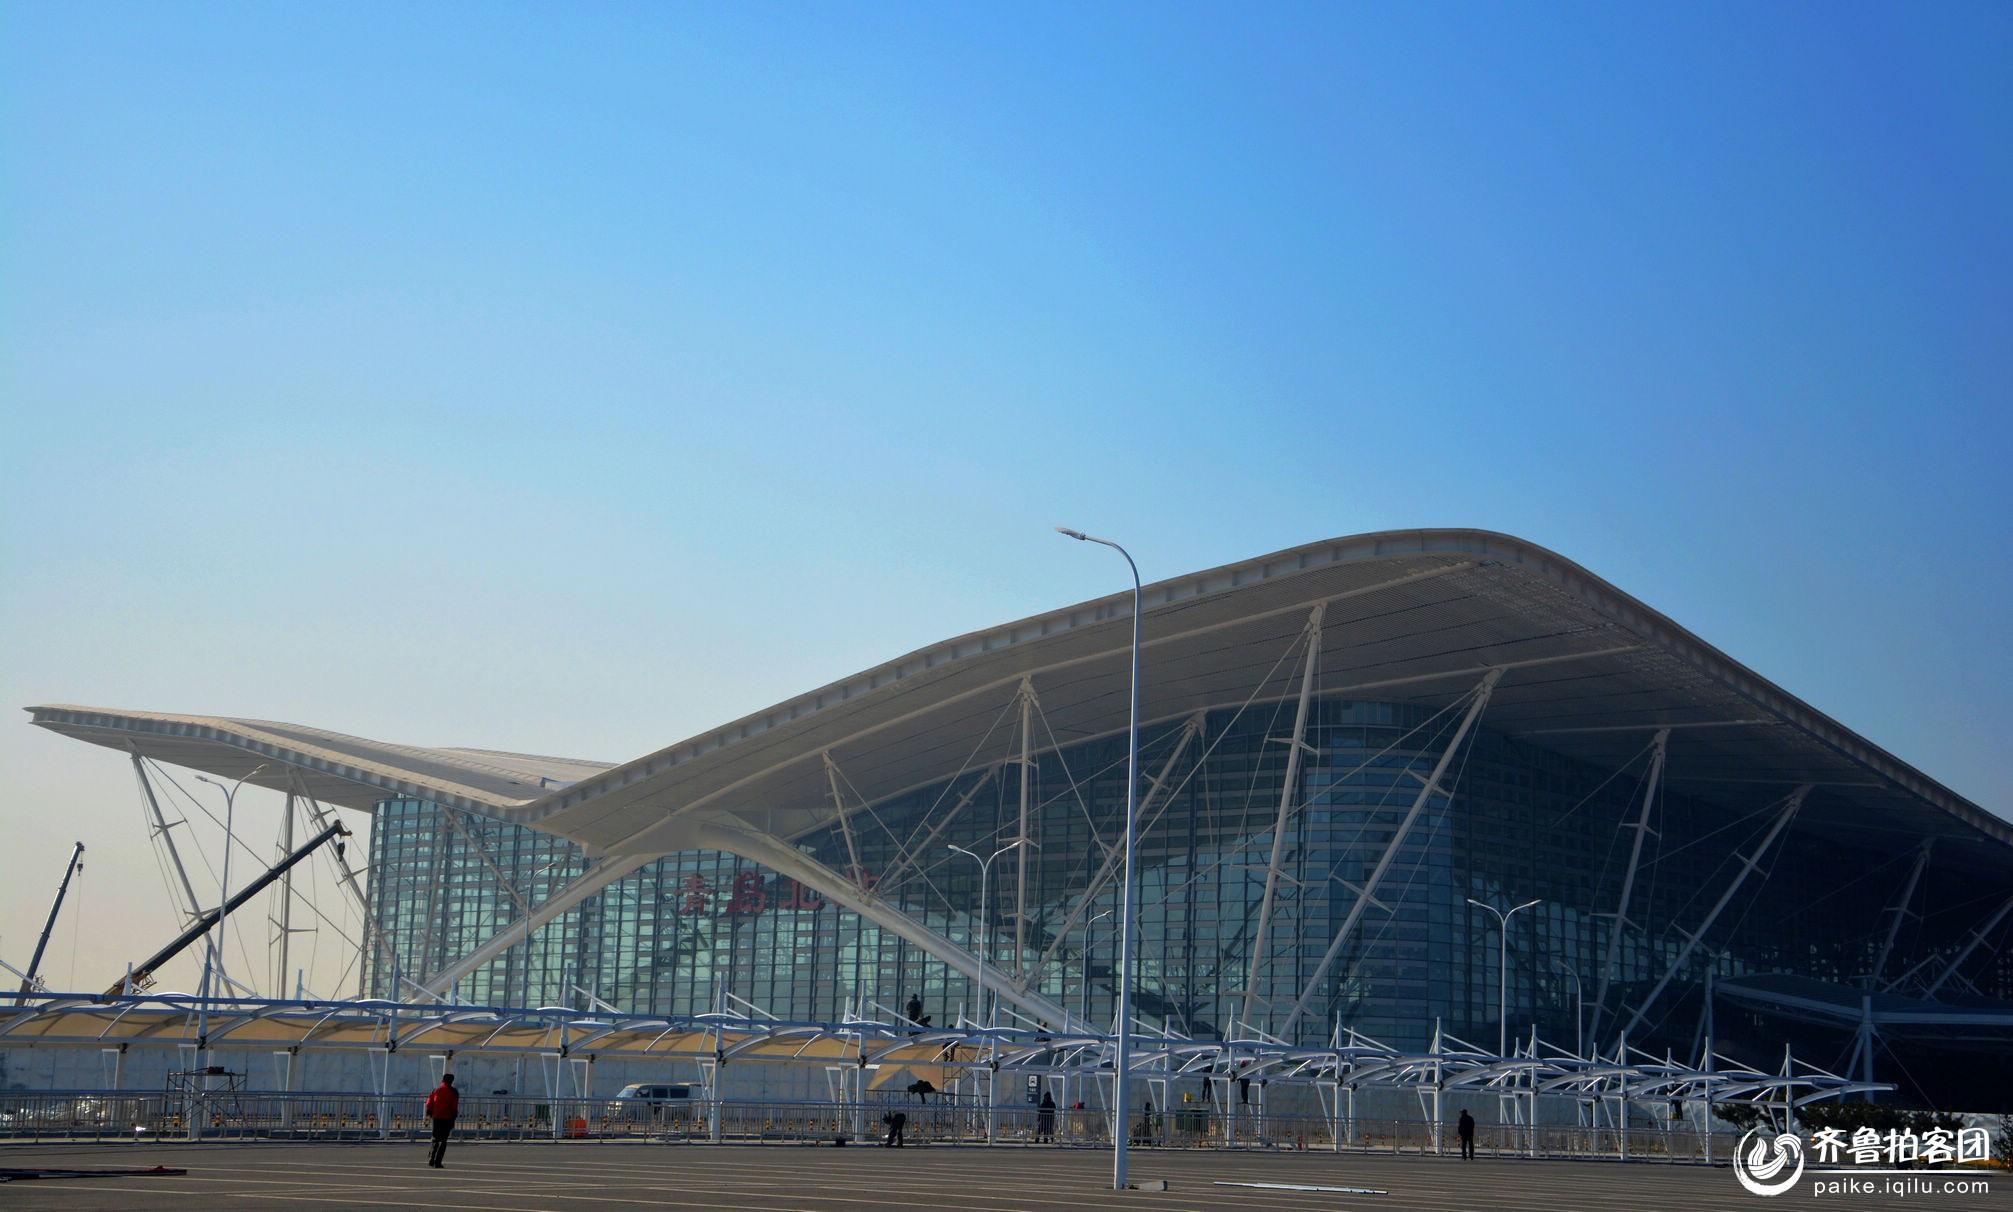 青岛北站主体为钢结构建筑